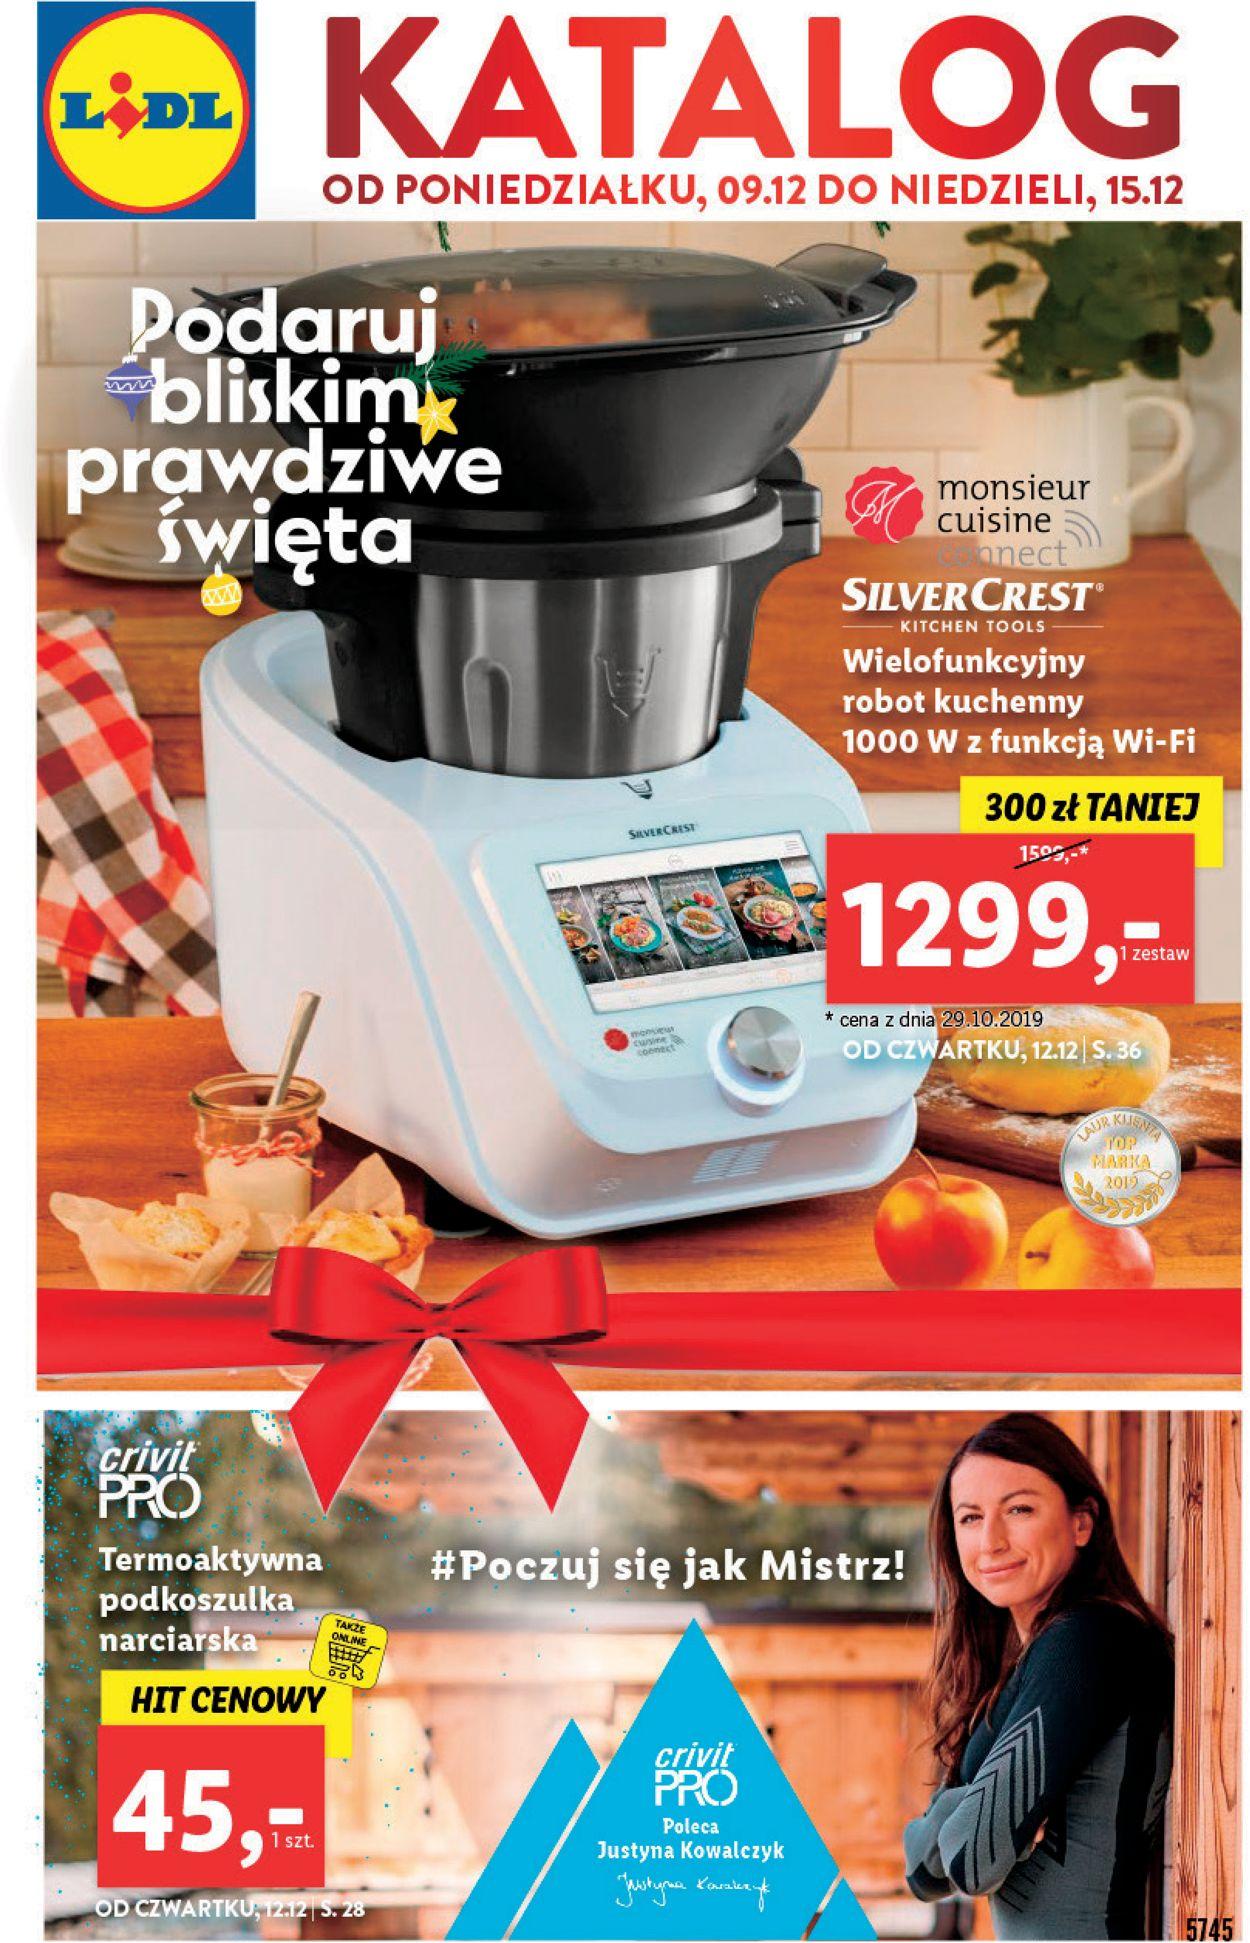 Gazetka promocyjna LIDL - Gazetka Świąteczna 2019 - 09.12-15.12.2019